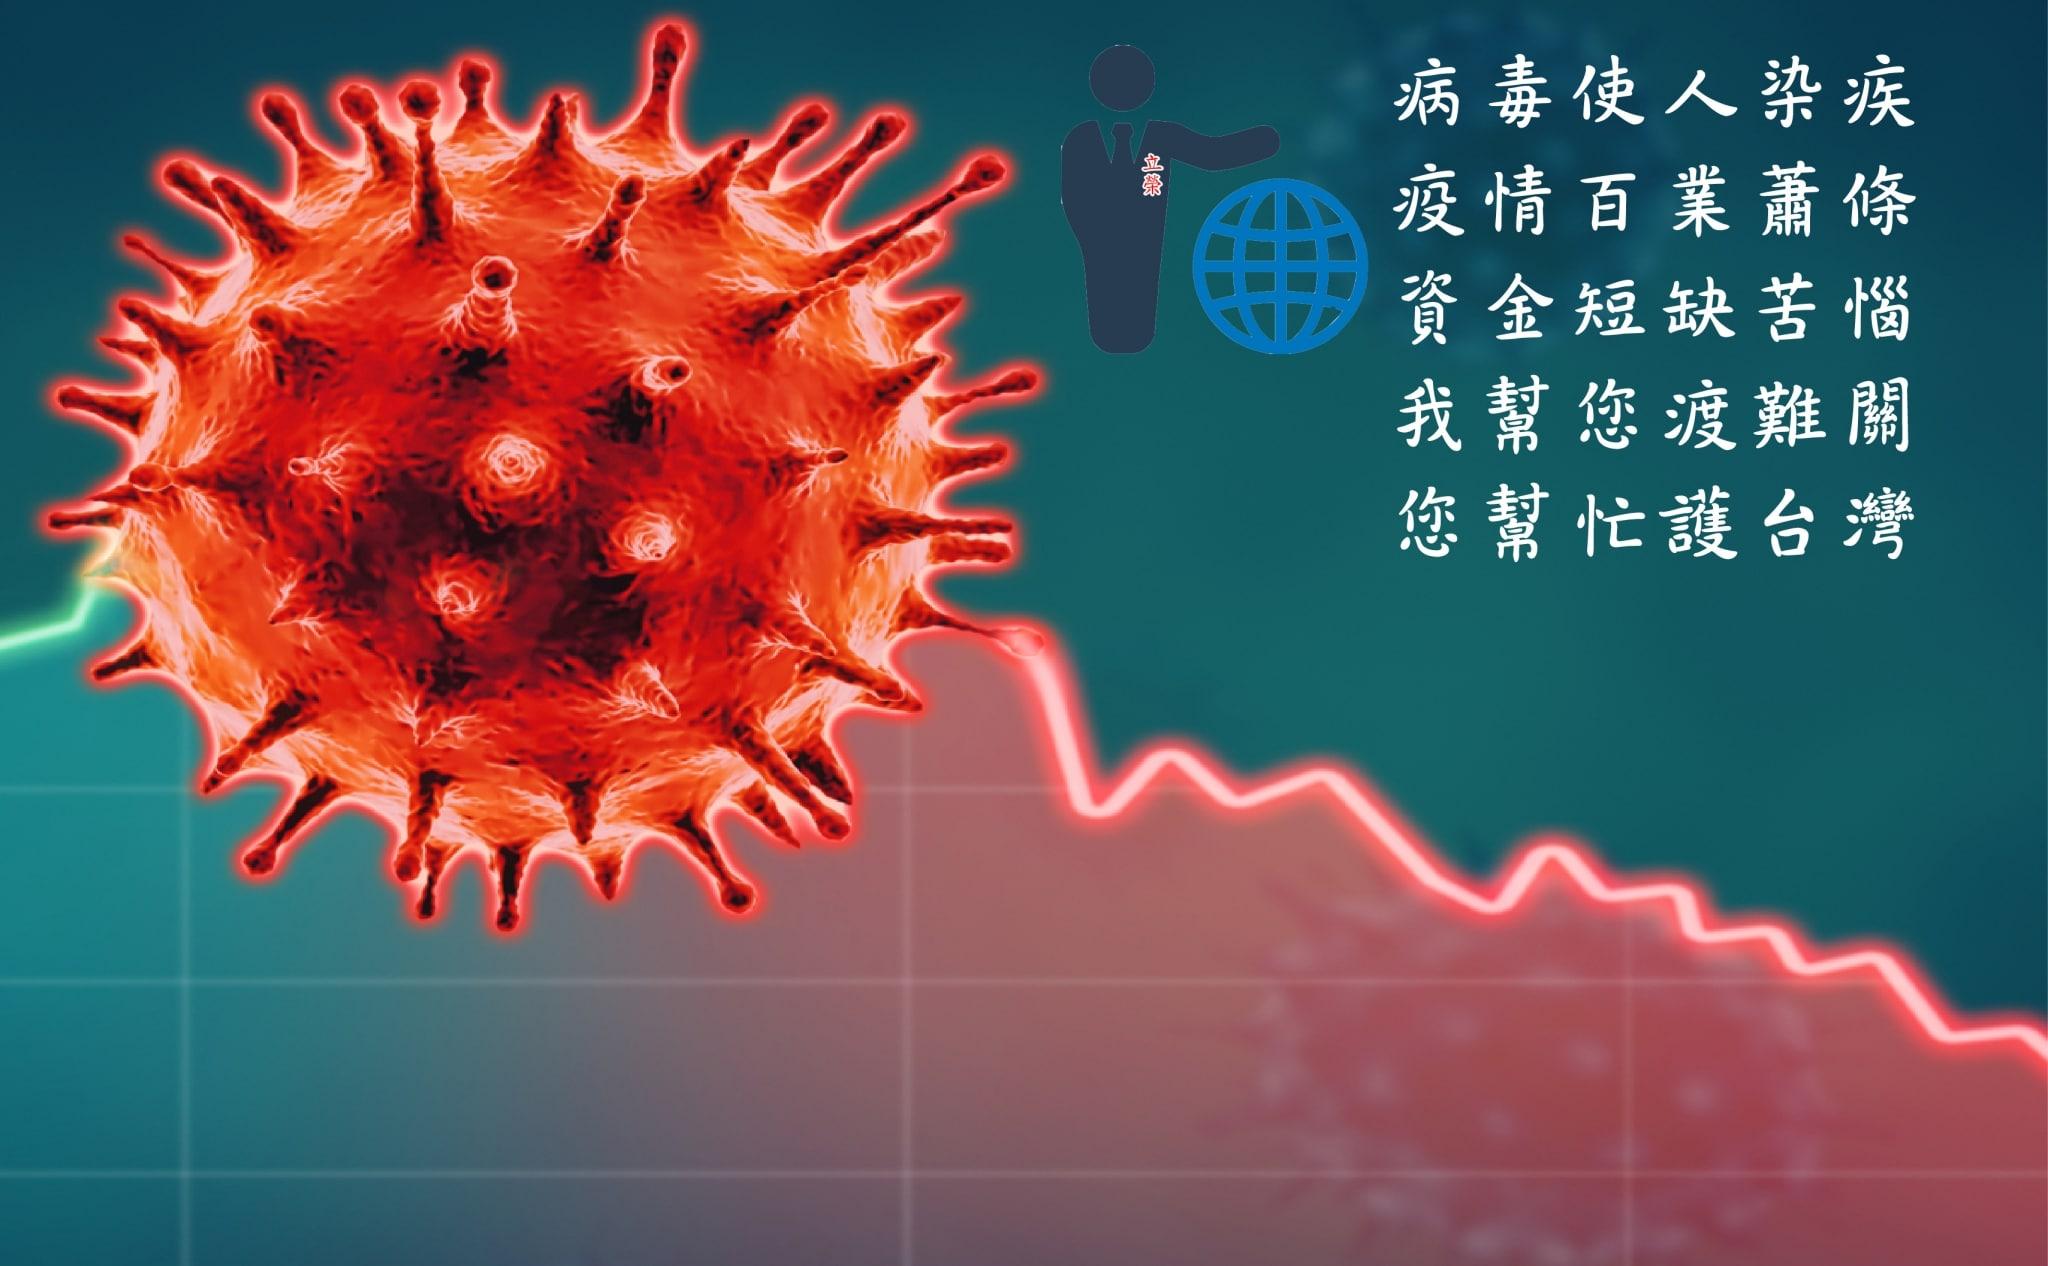 守護台灣 對抗疫情